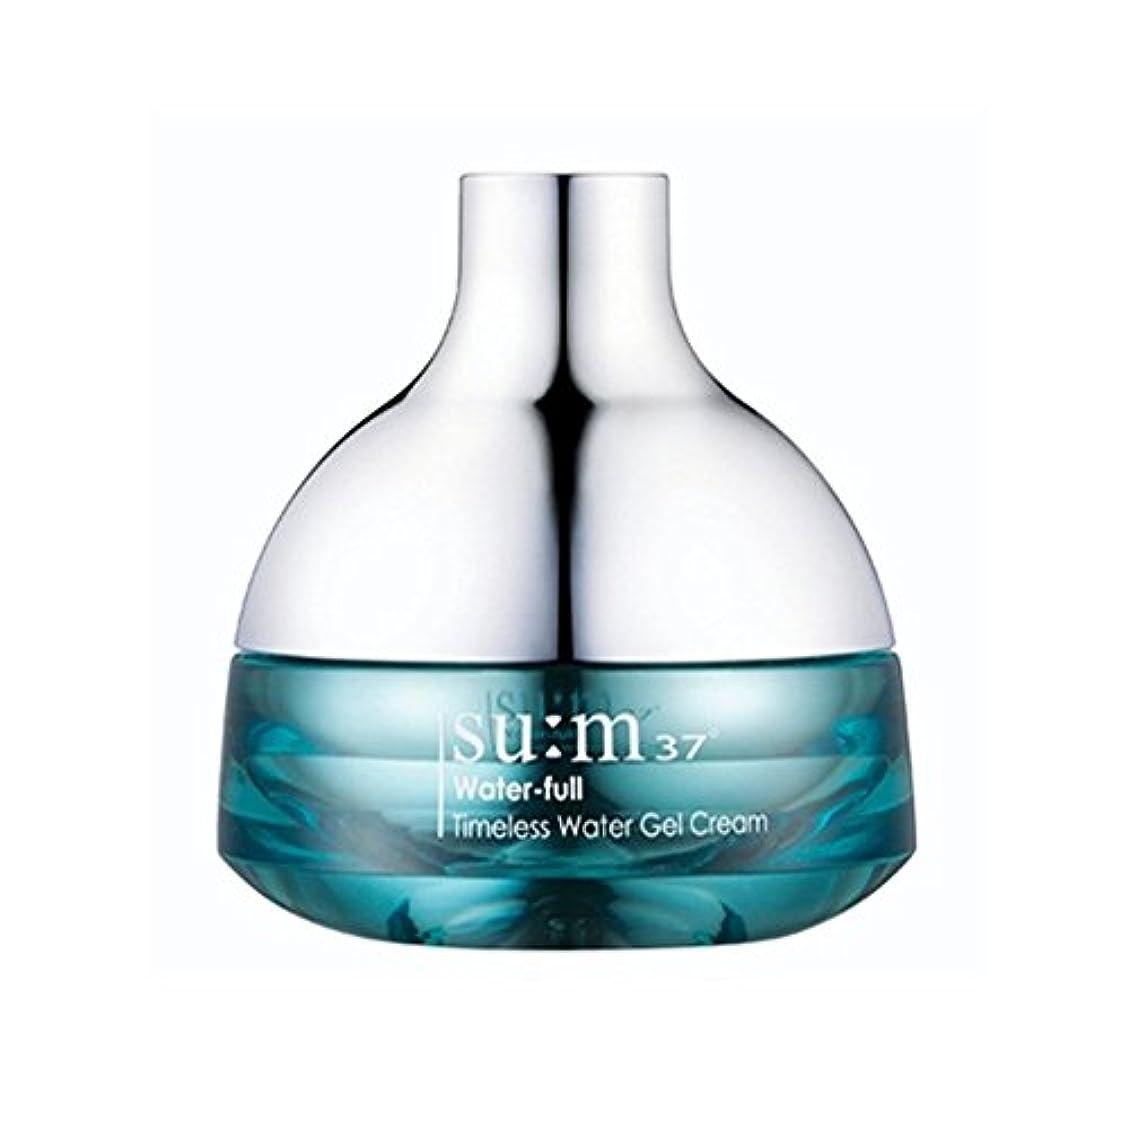 今晩味モンク[su:m37/スム37°] SUM37 Water-full Timeless Water Gel Cream 50ml/WF07 sum37 ウォータフル タイムレス ウォータージェルクリーム 50ml +[Sample...